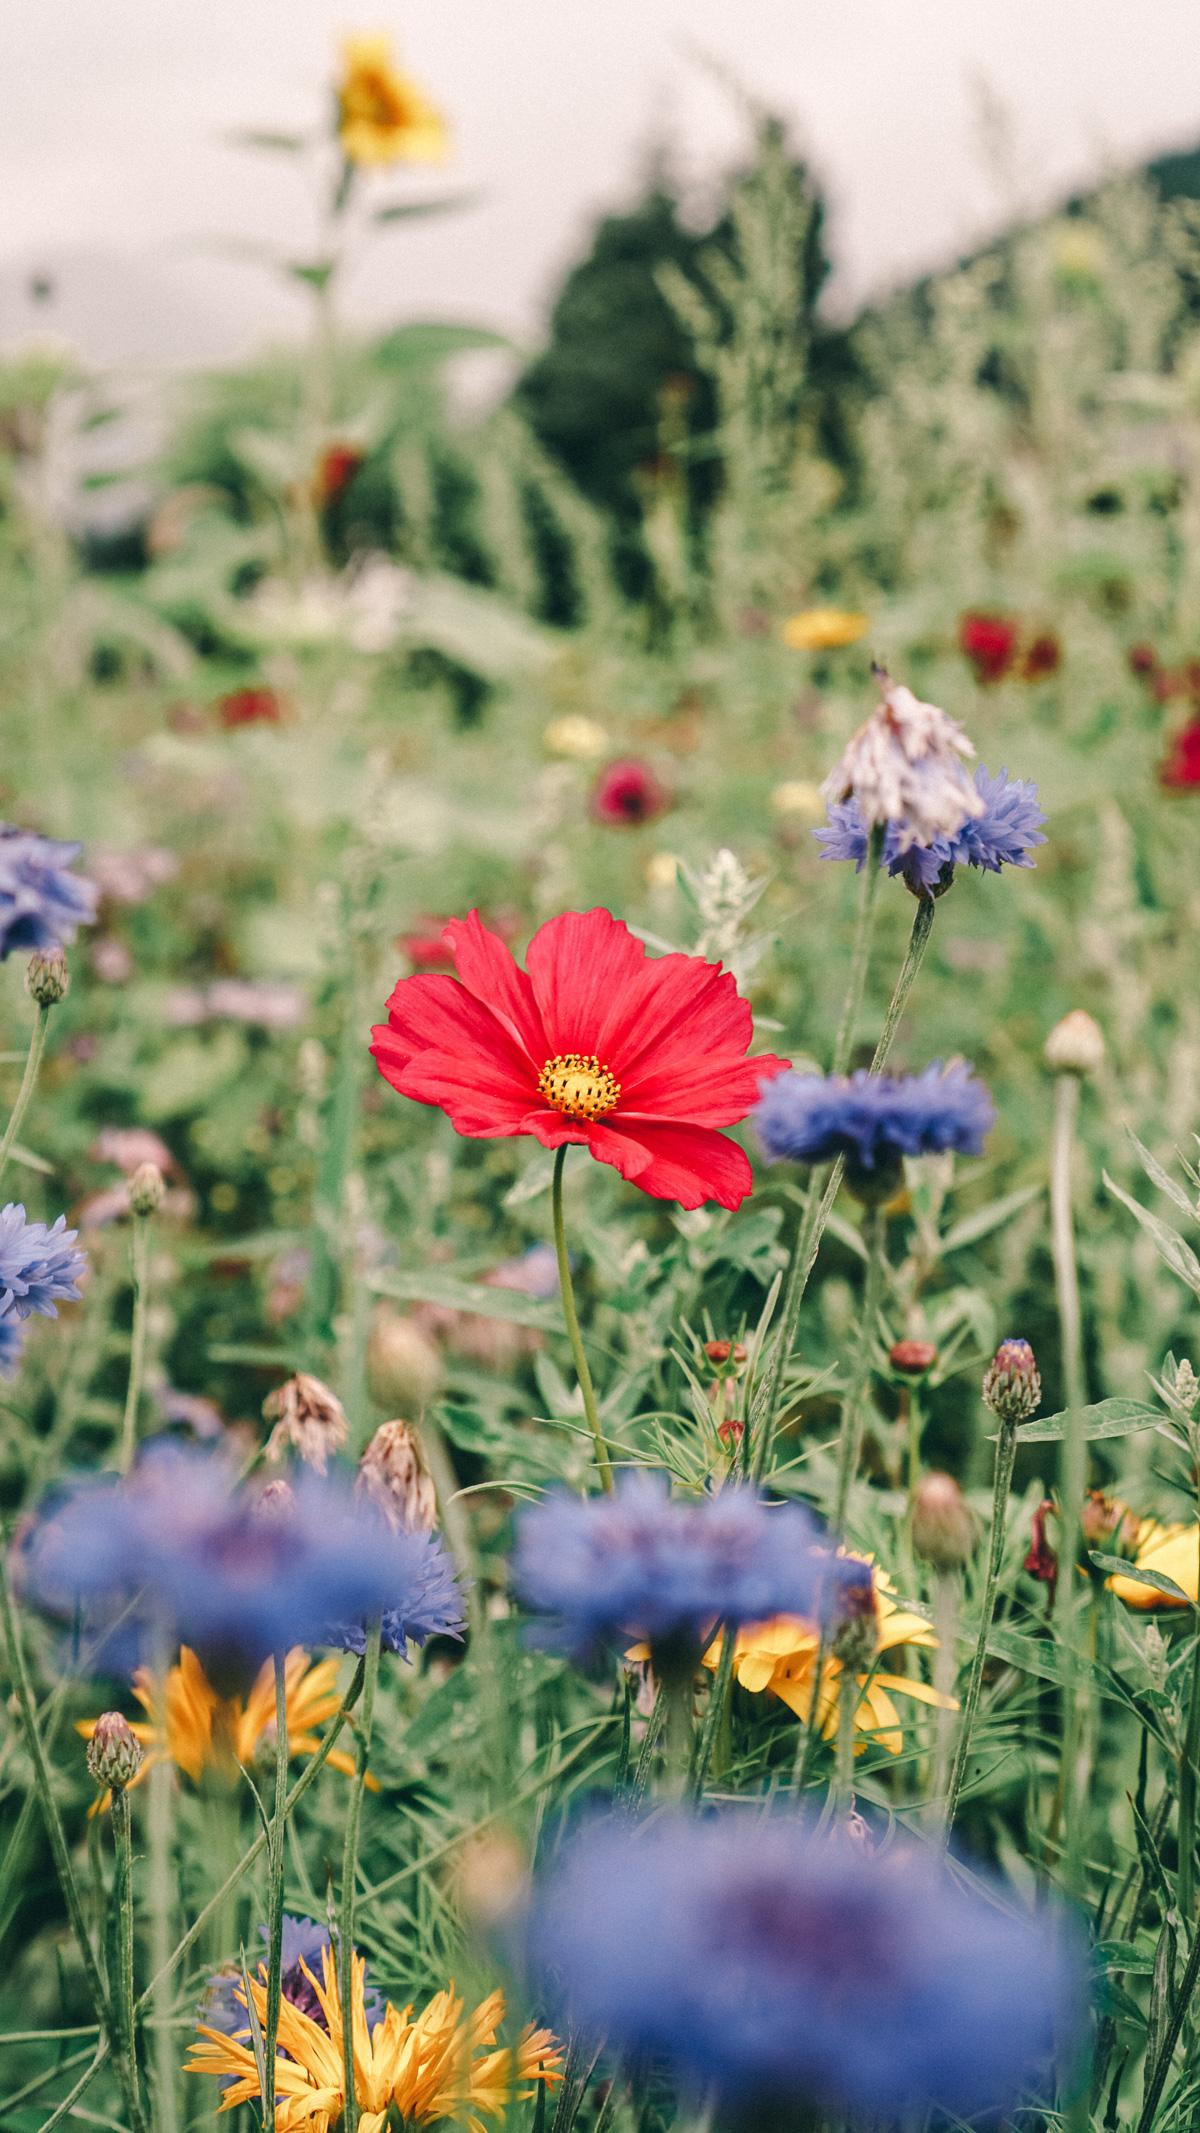 Suedtirol Sehenswuerdigkeiten: 0 km Gerichte Feldblumen